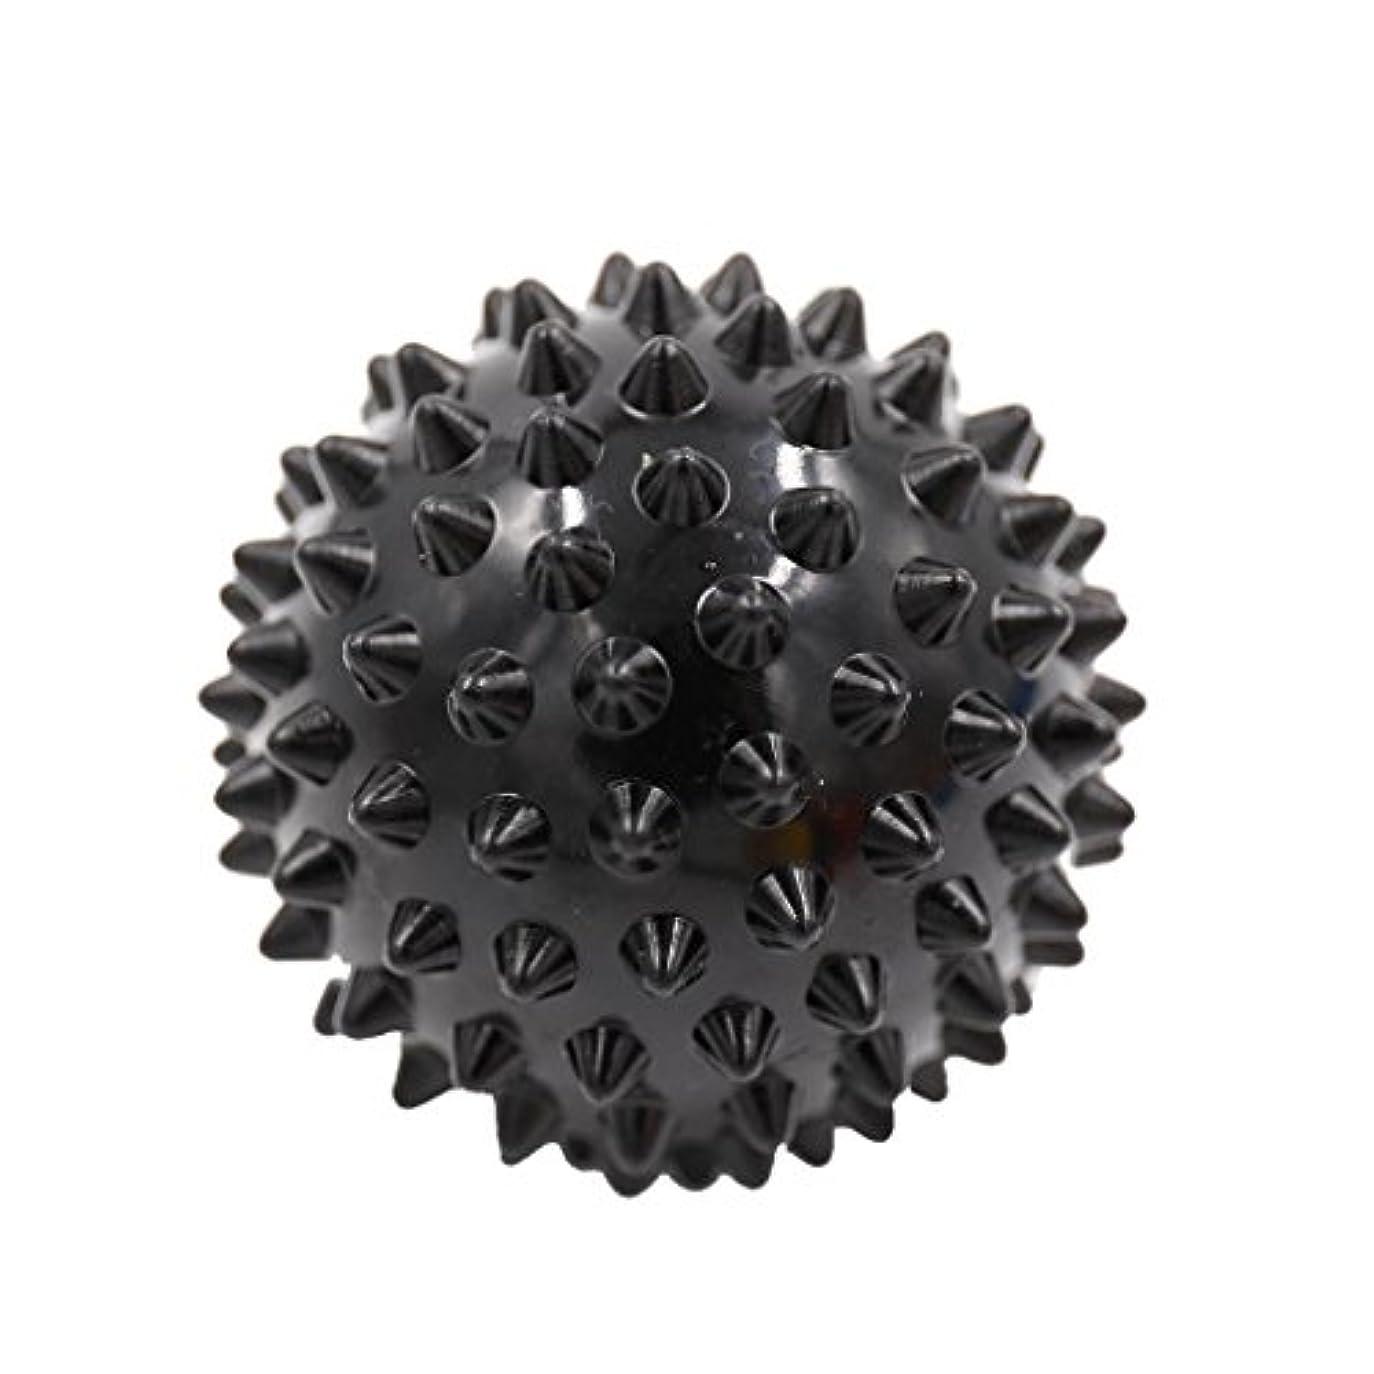 コンデンサー肌オーバーフローマッサージボール マッサージ器 マッサージャー リラックス スパイク マッサージボール 3色選べ - ブラック, 説明したように